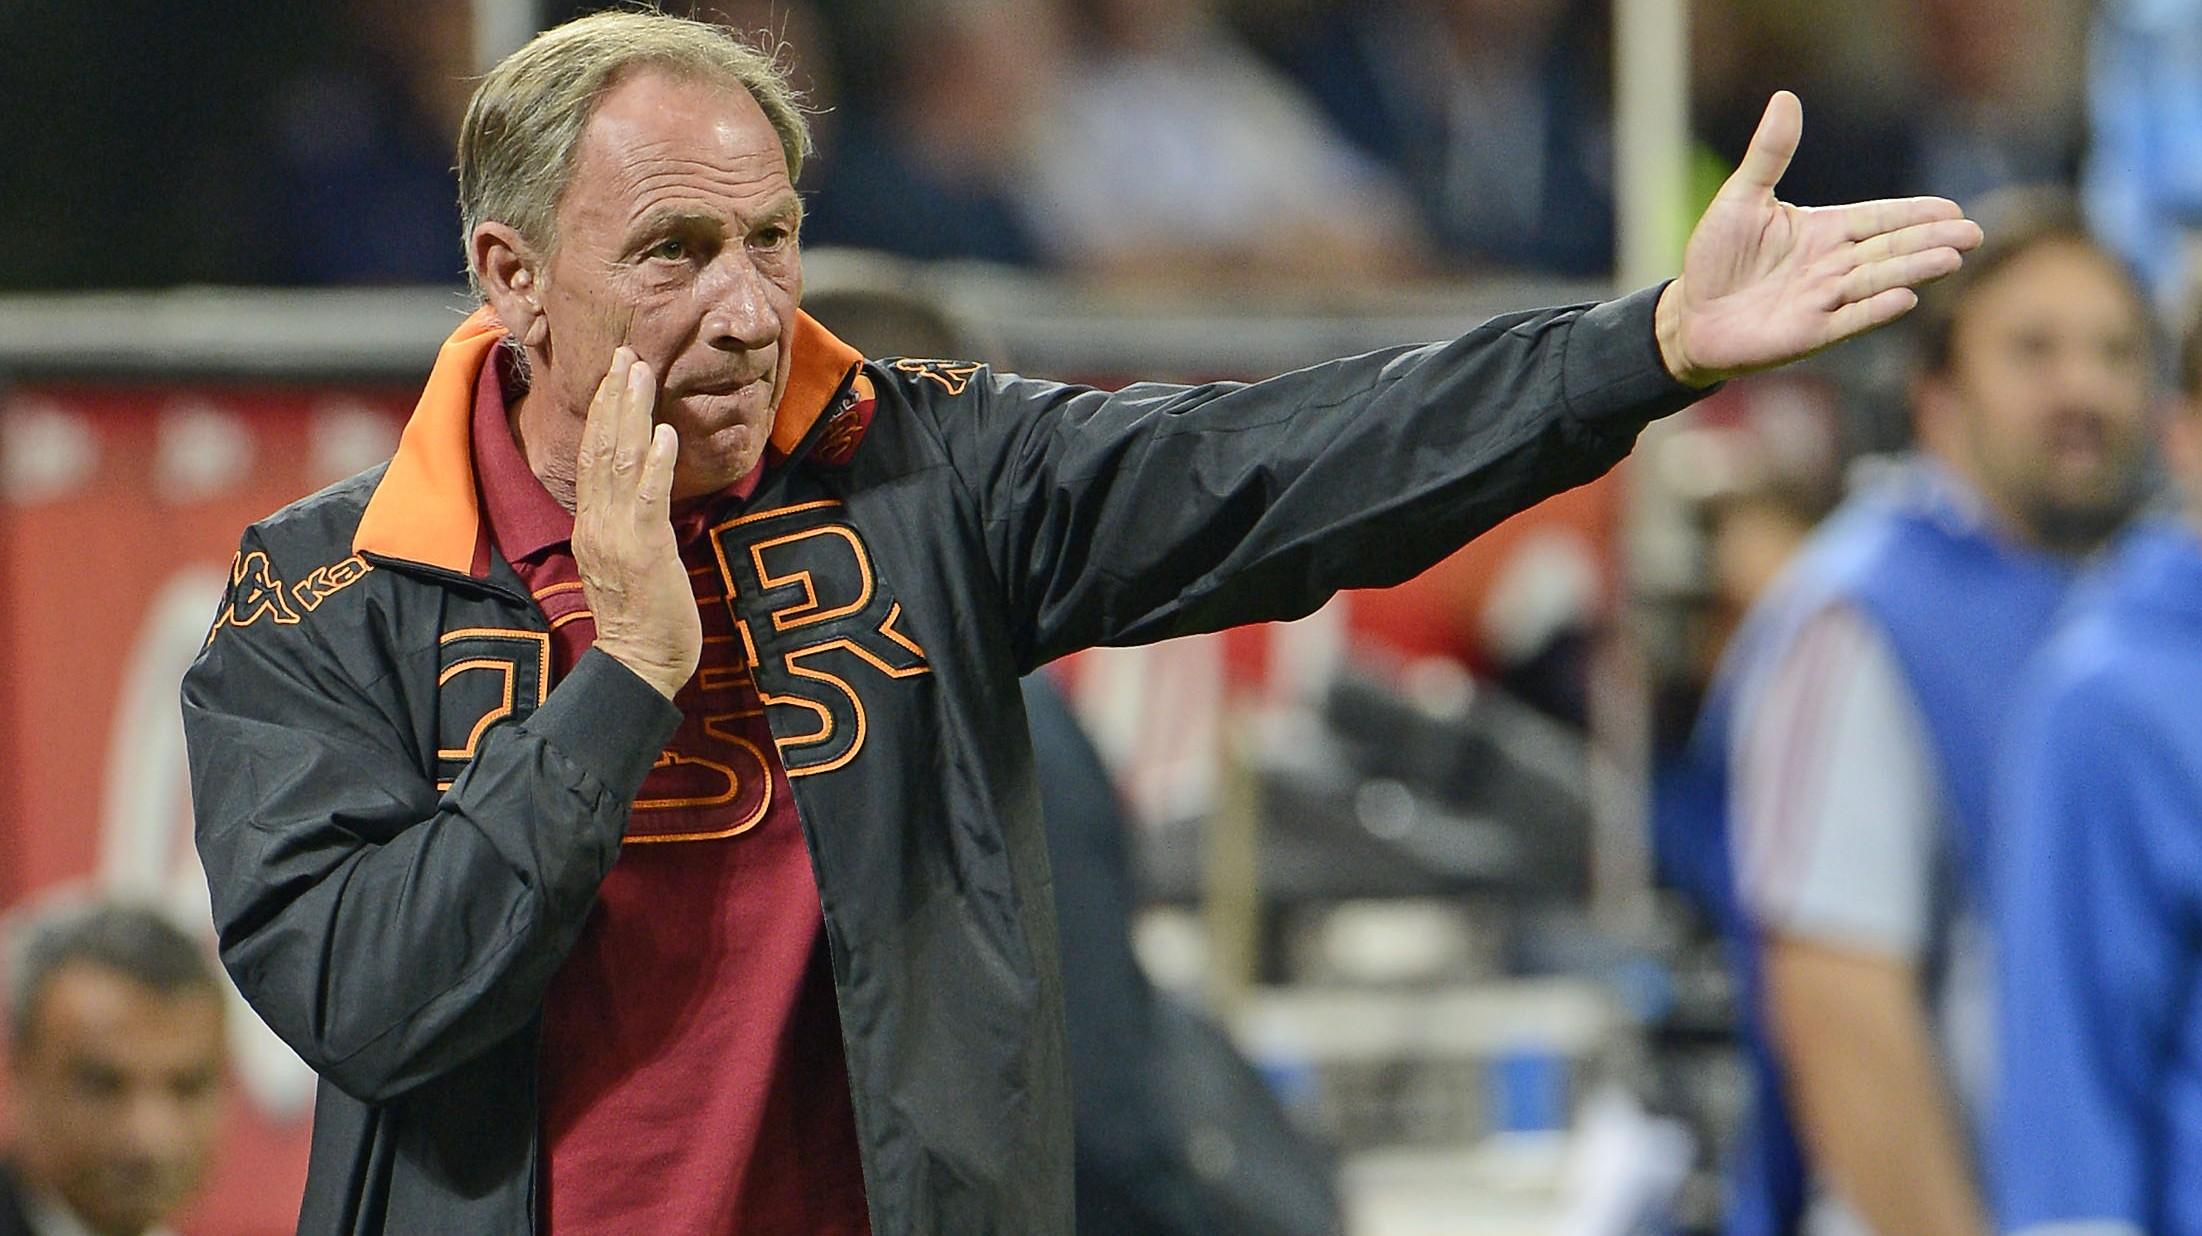 Pochi gol in Serie A, vincono Roma, Samp e Genoa